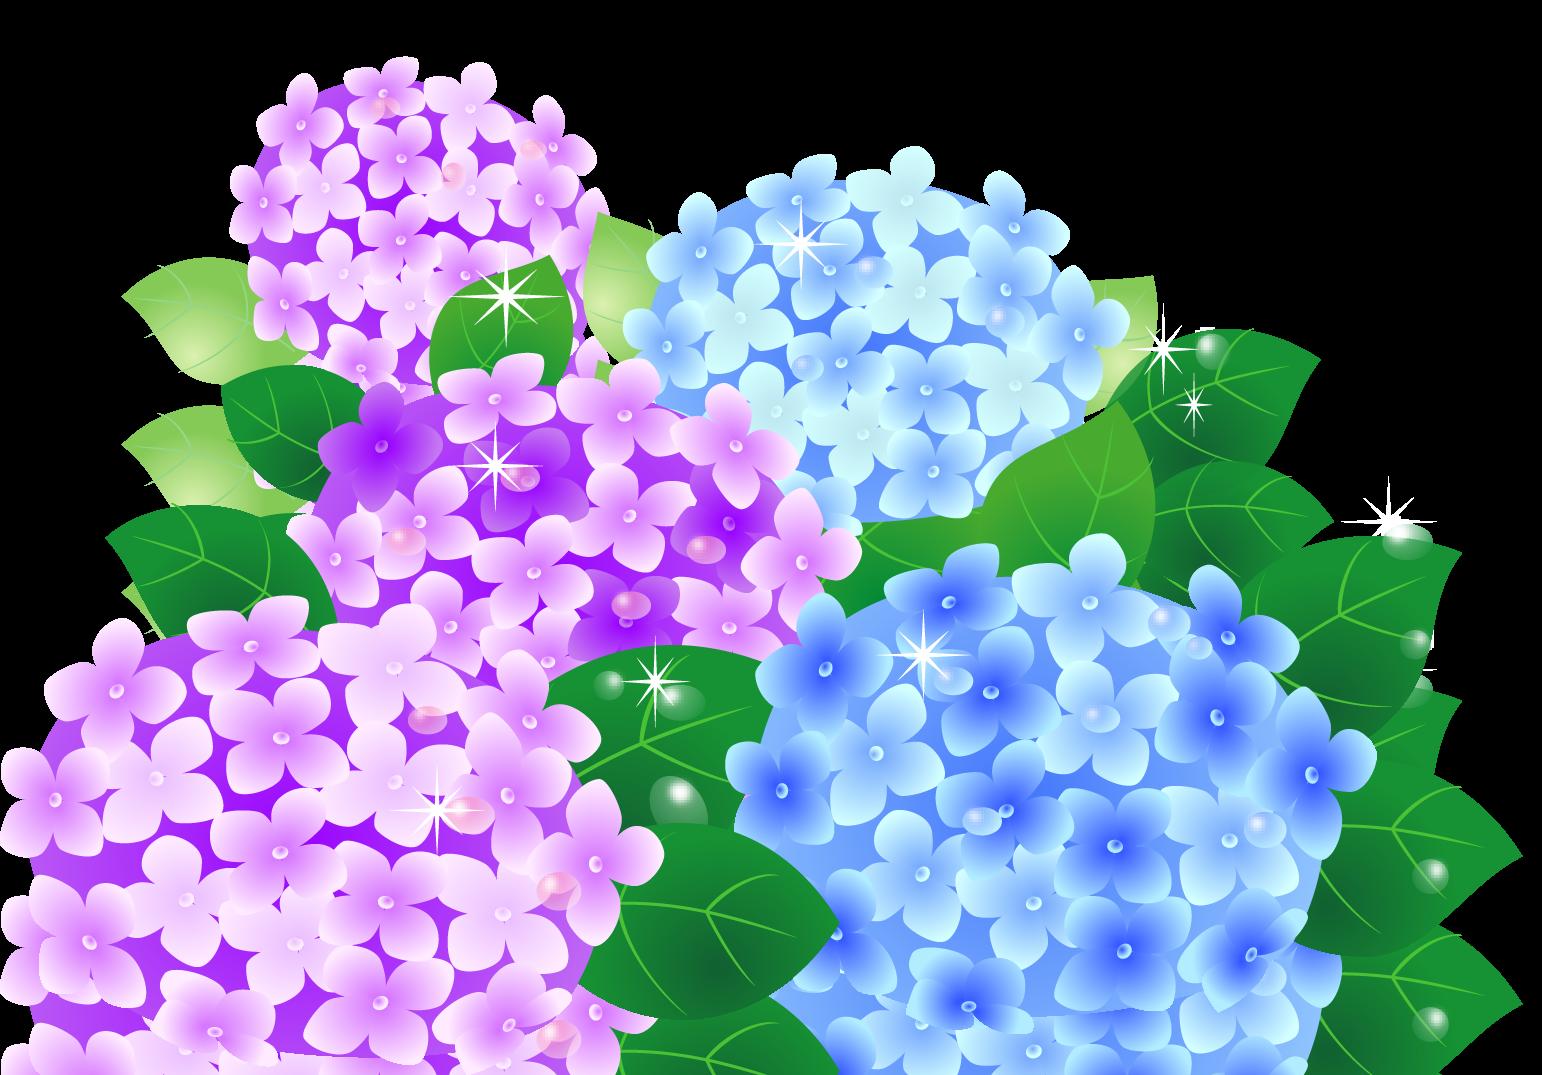 6月の保護者面会日 社会福祉法人 慈永会